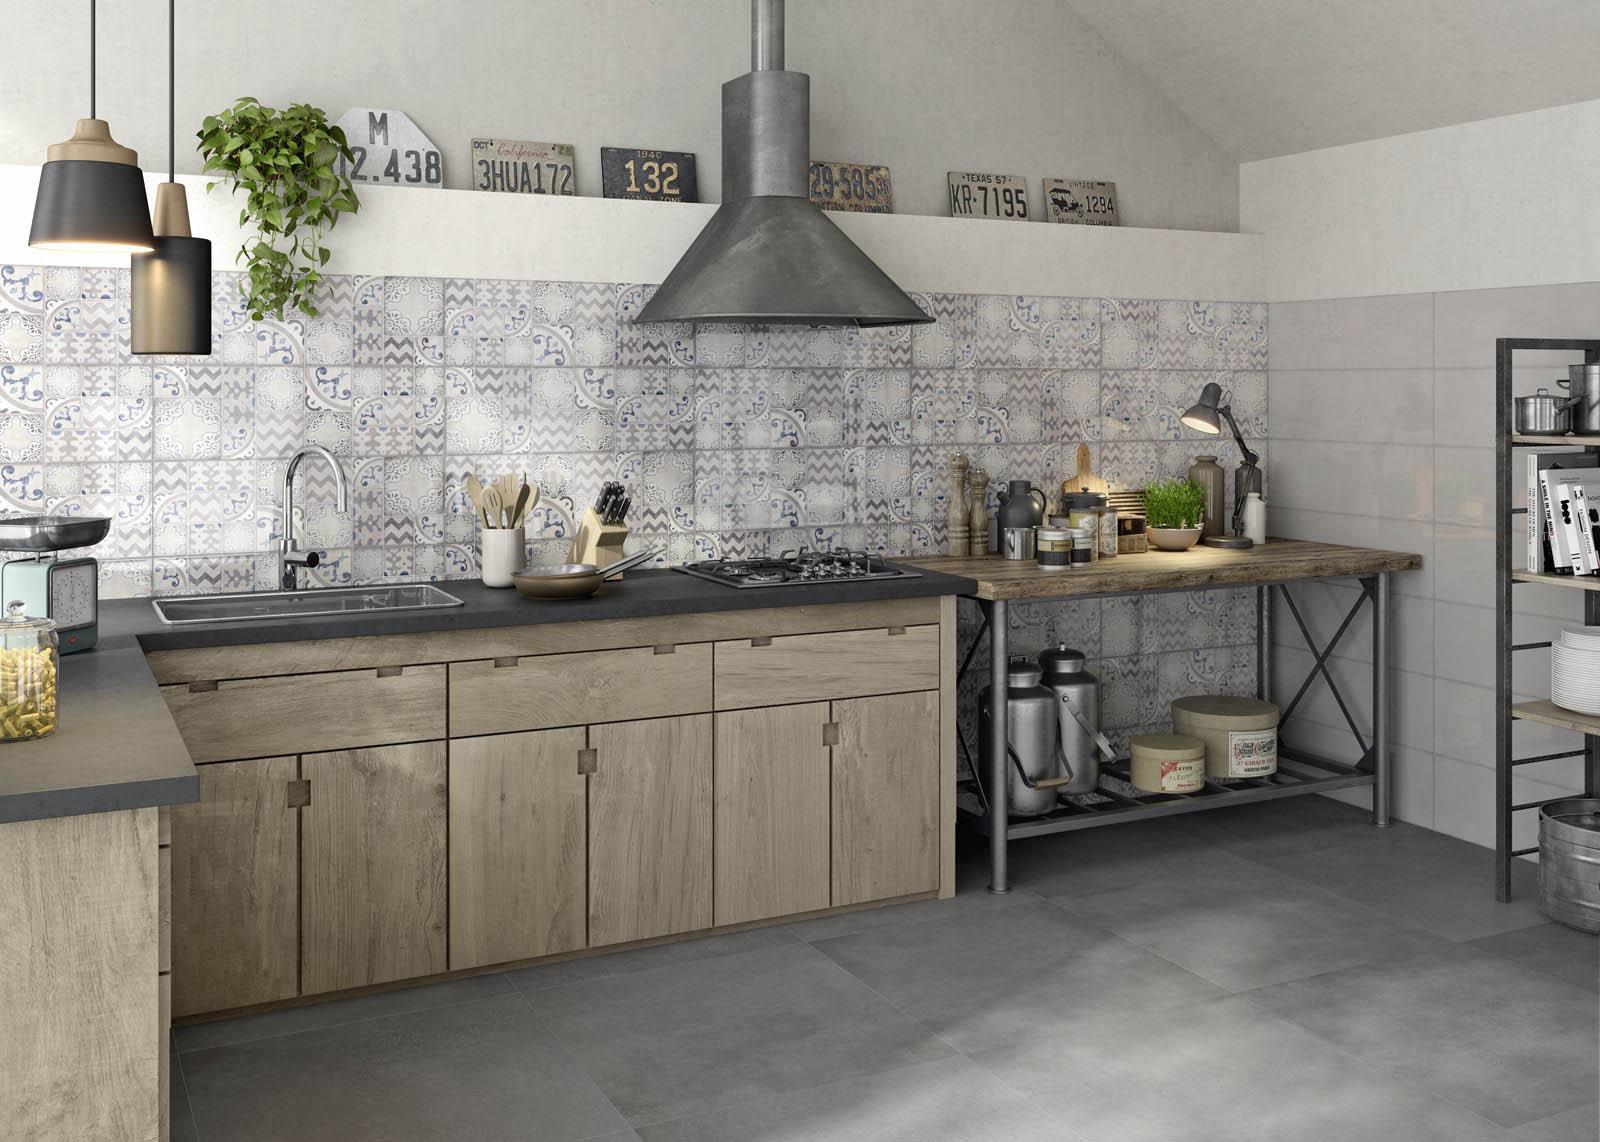 Die perfekten wandfliesen für die küche im industrial style marazzi